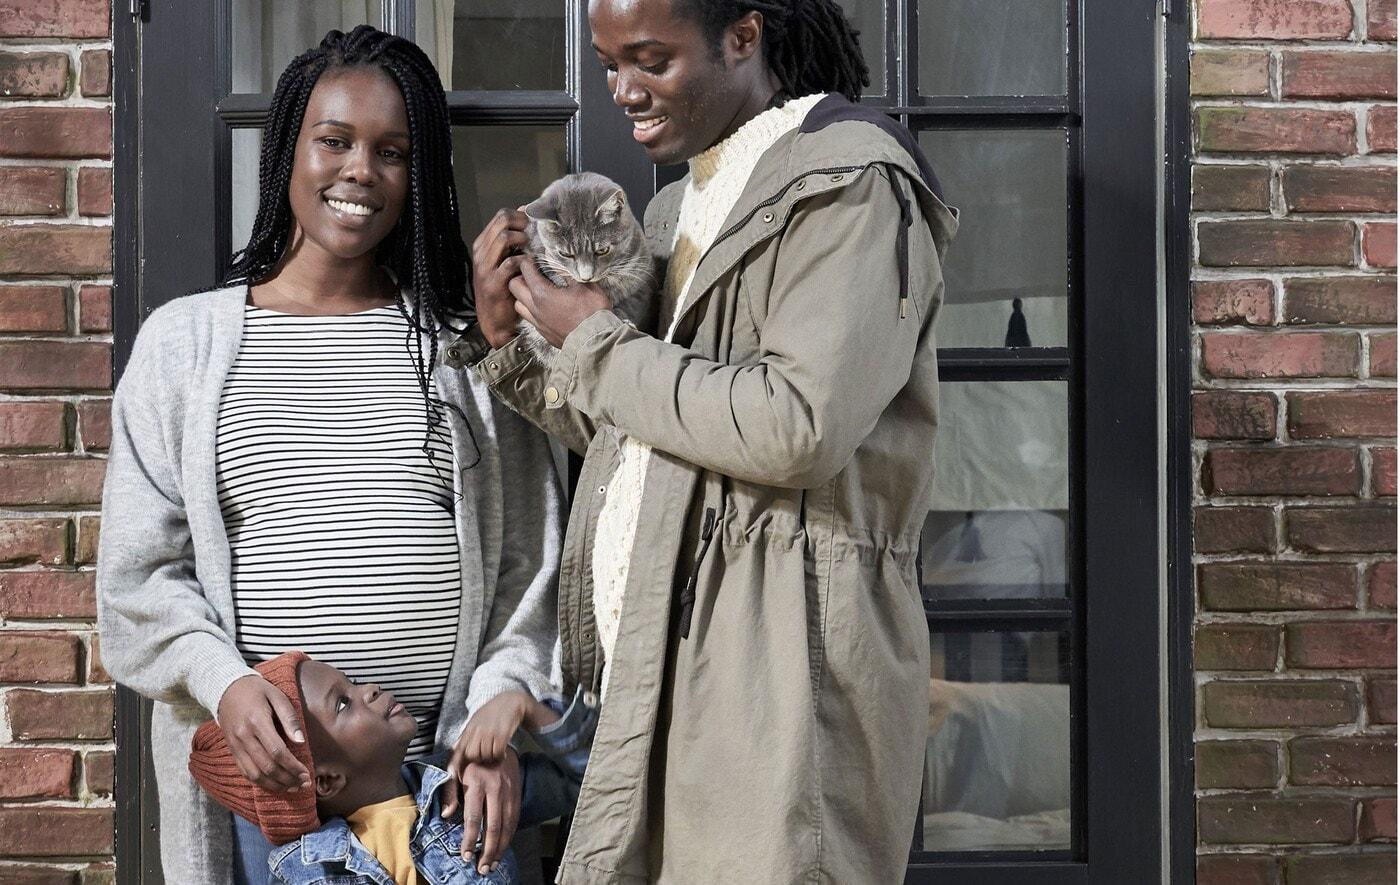 Usměvavá těhotná žena před cihlovou zdí, s malým chlapcem a mužem, držícím kočku